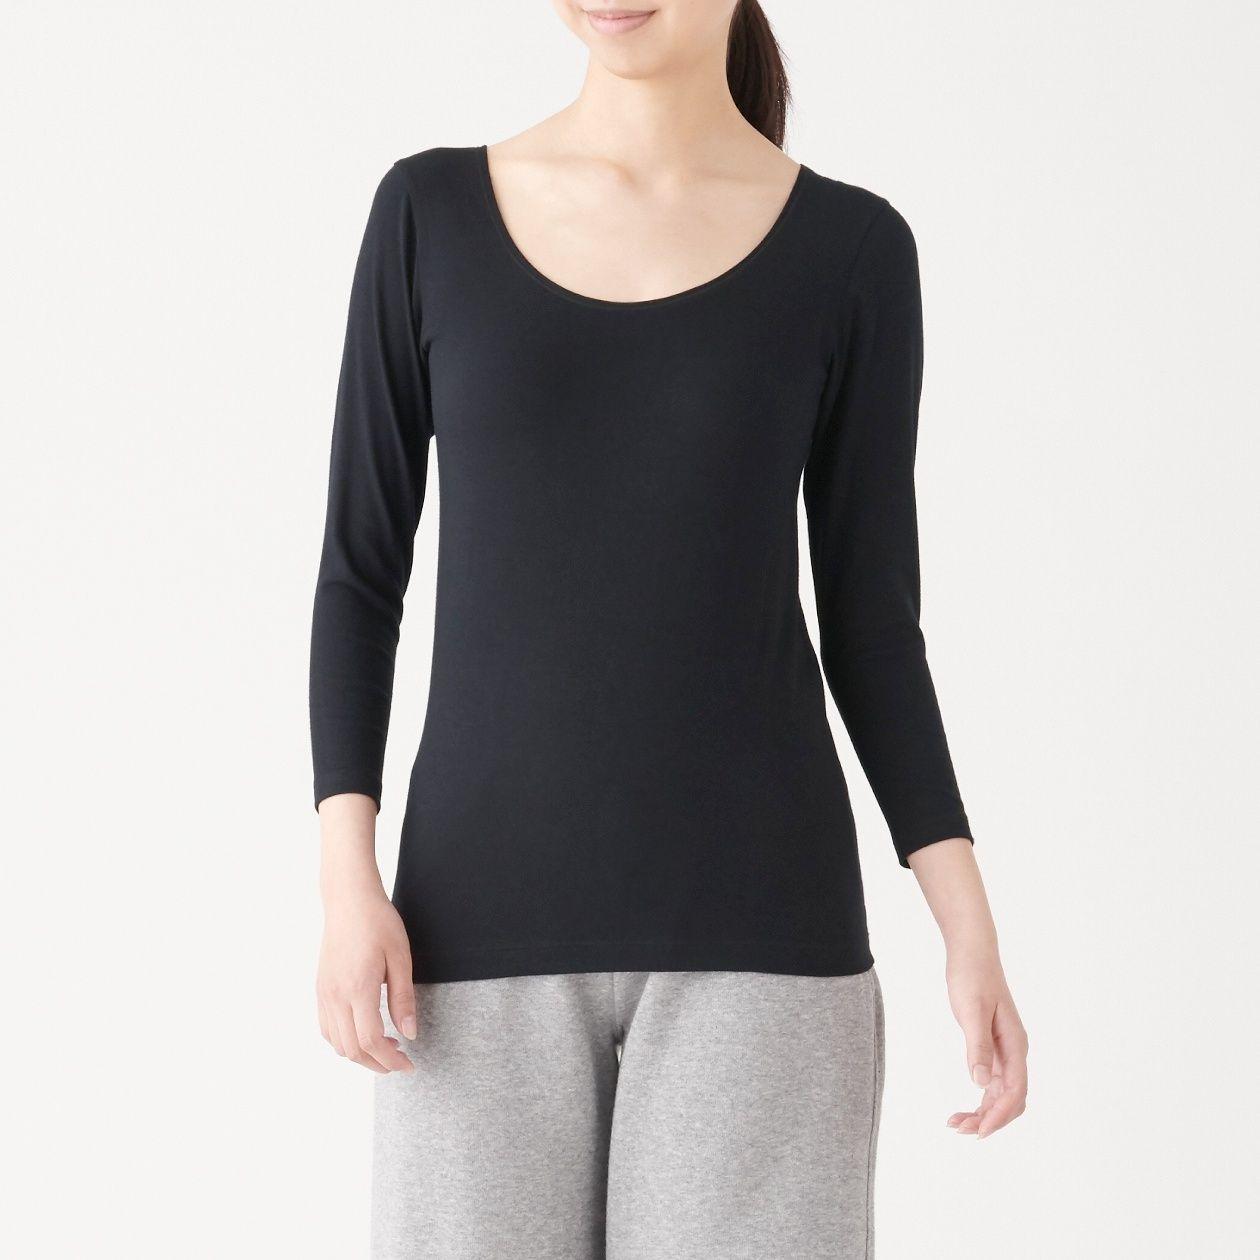 綿であったかUネック八分袖Tシャツスタイル写真